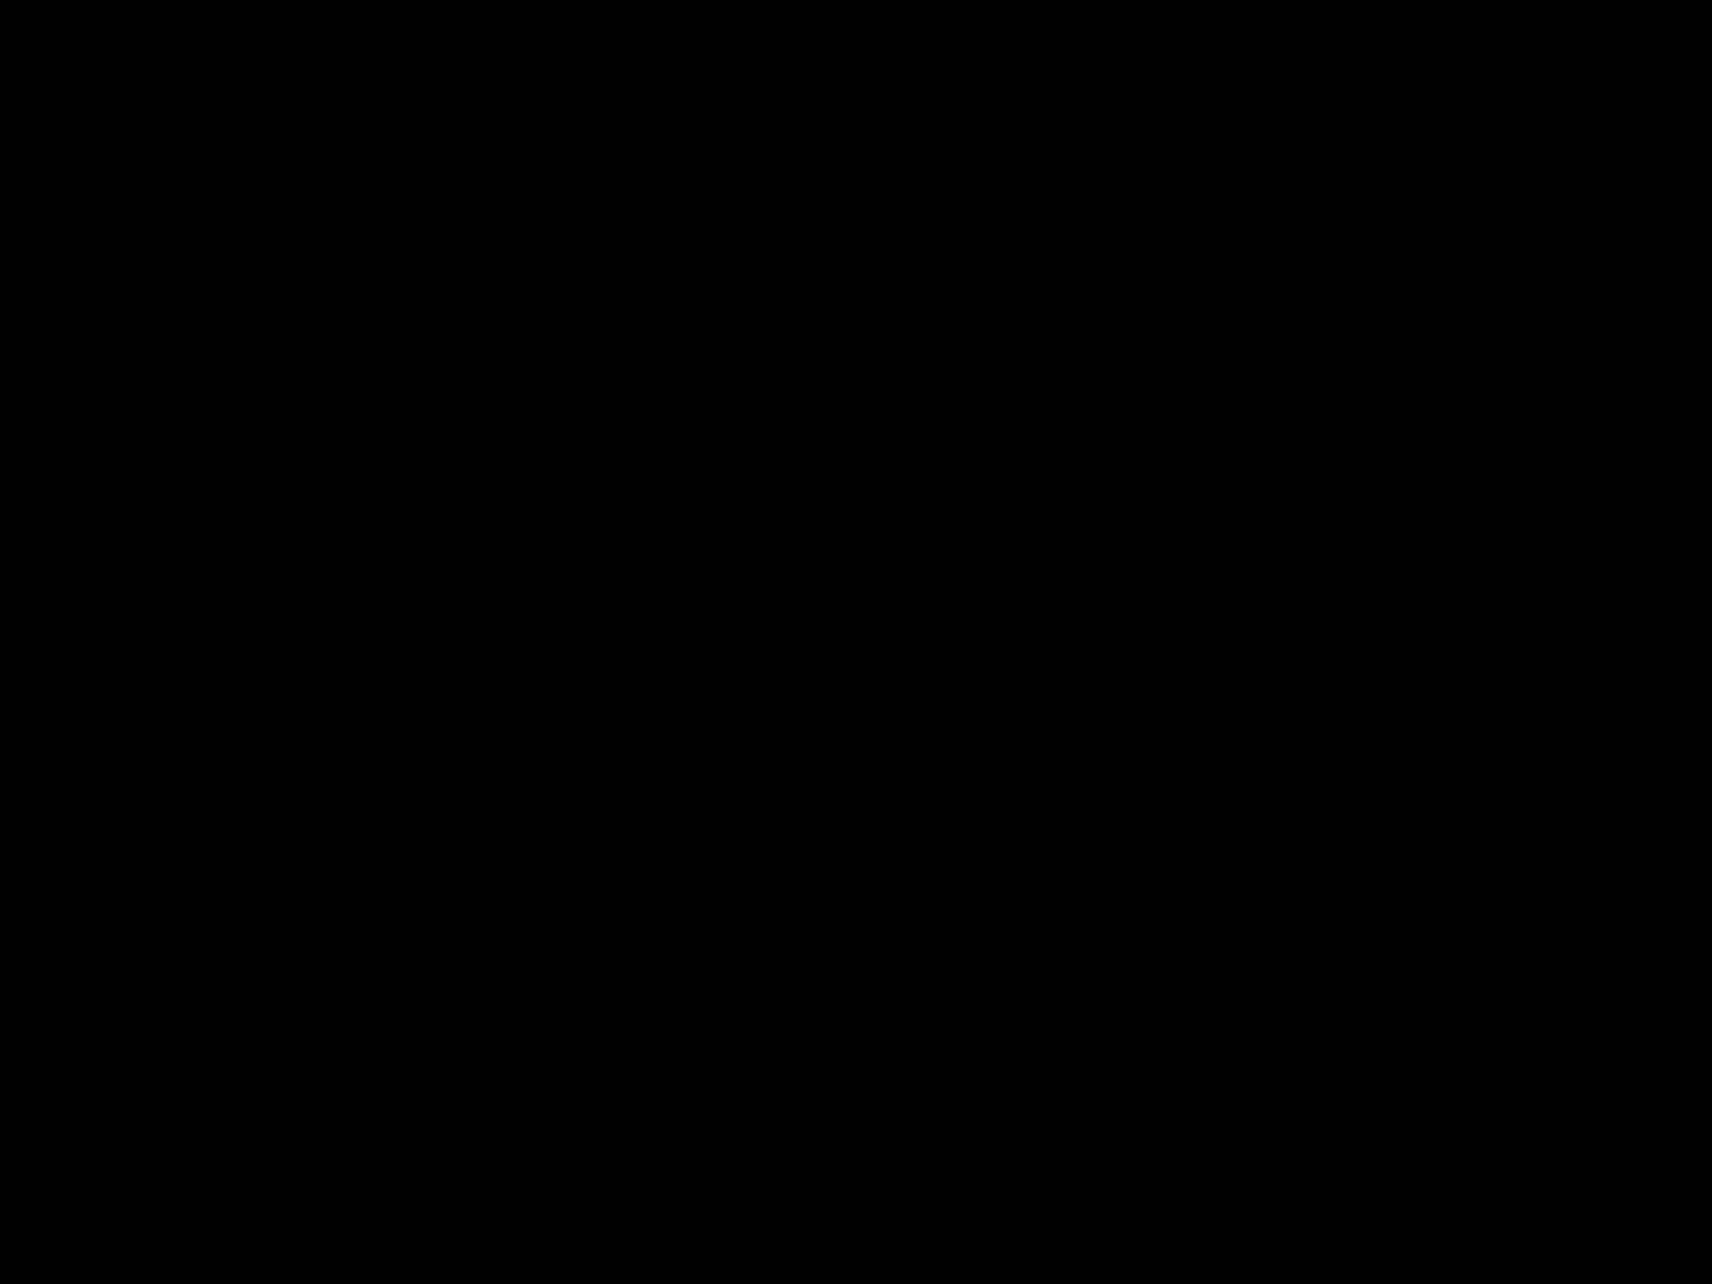 21045_10.jpg